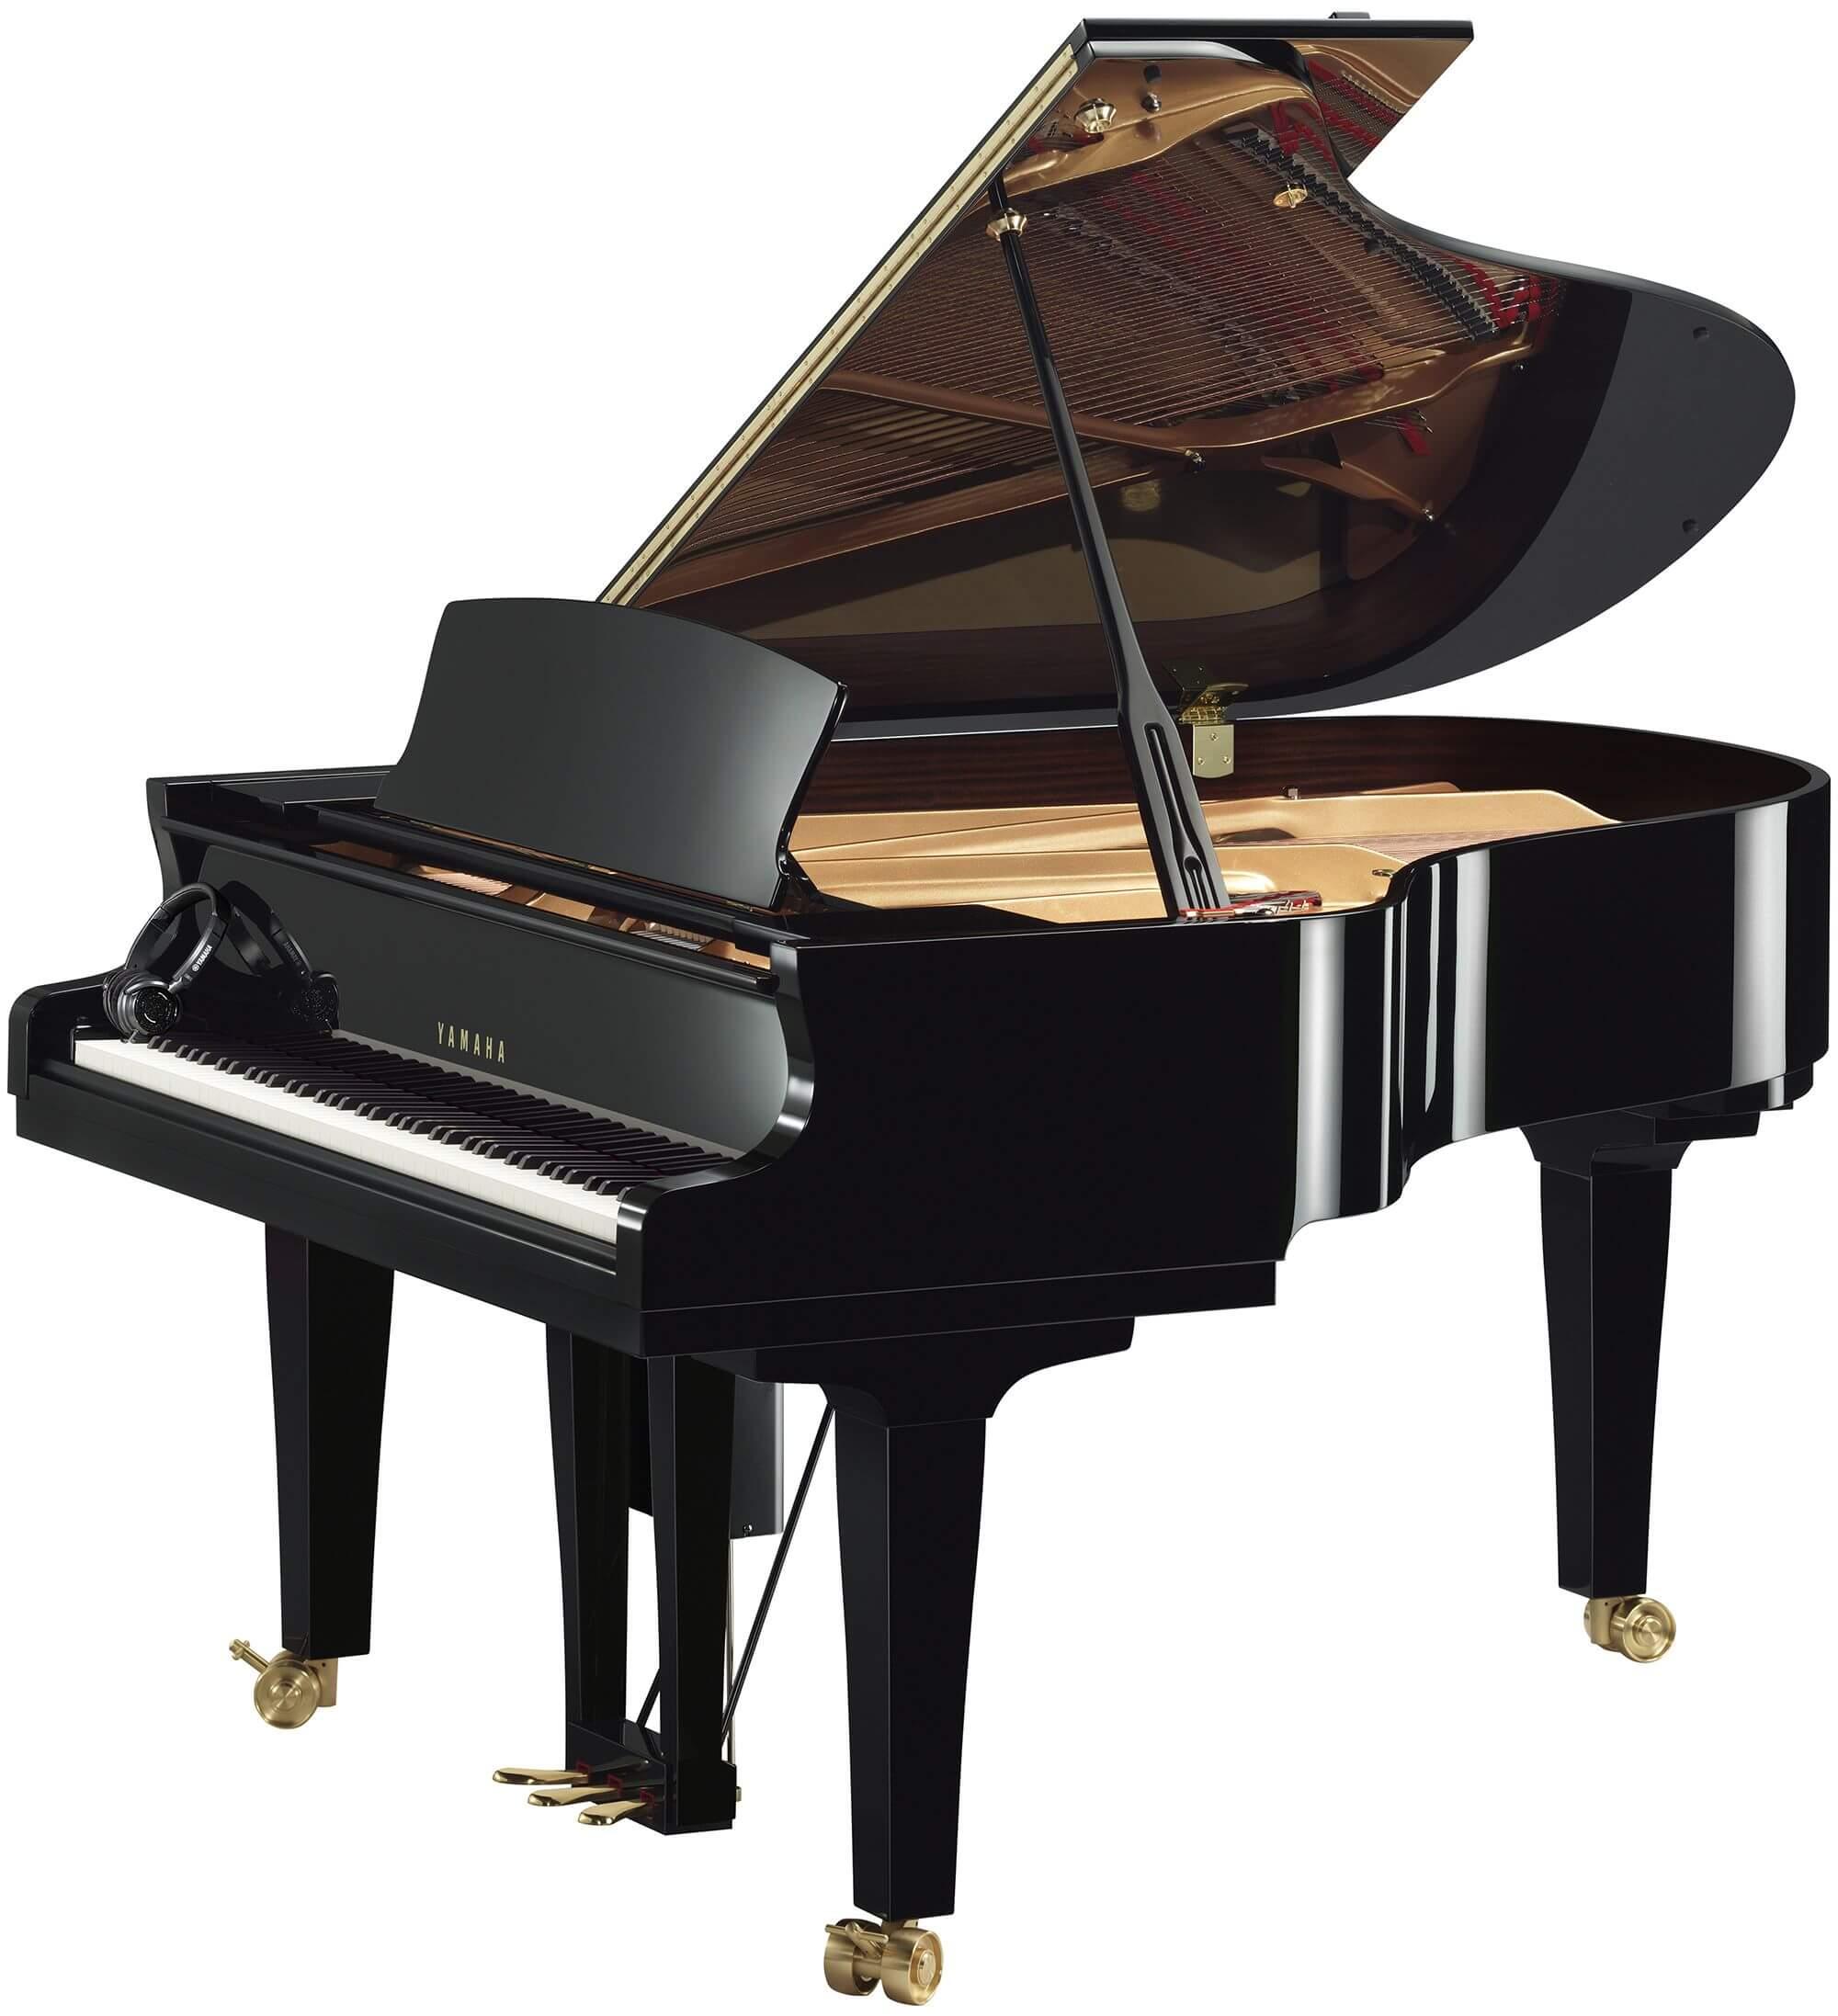 Piano de Cola Disklavier Yamaha S5X ENSPIRE PRO 200Cm Negro pulido